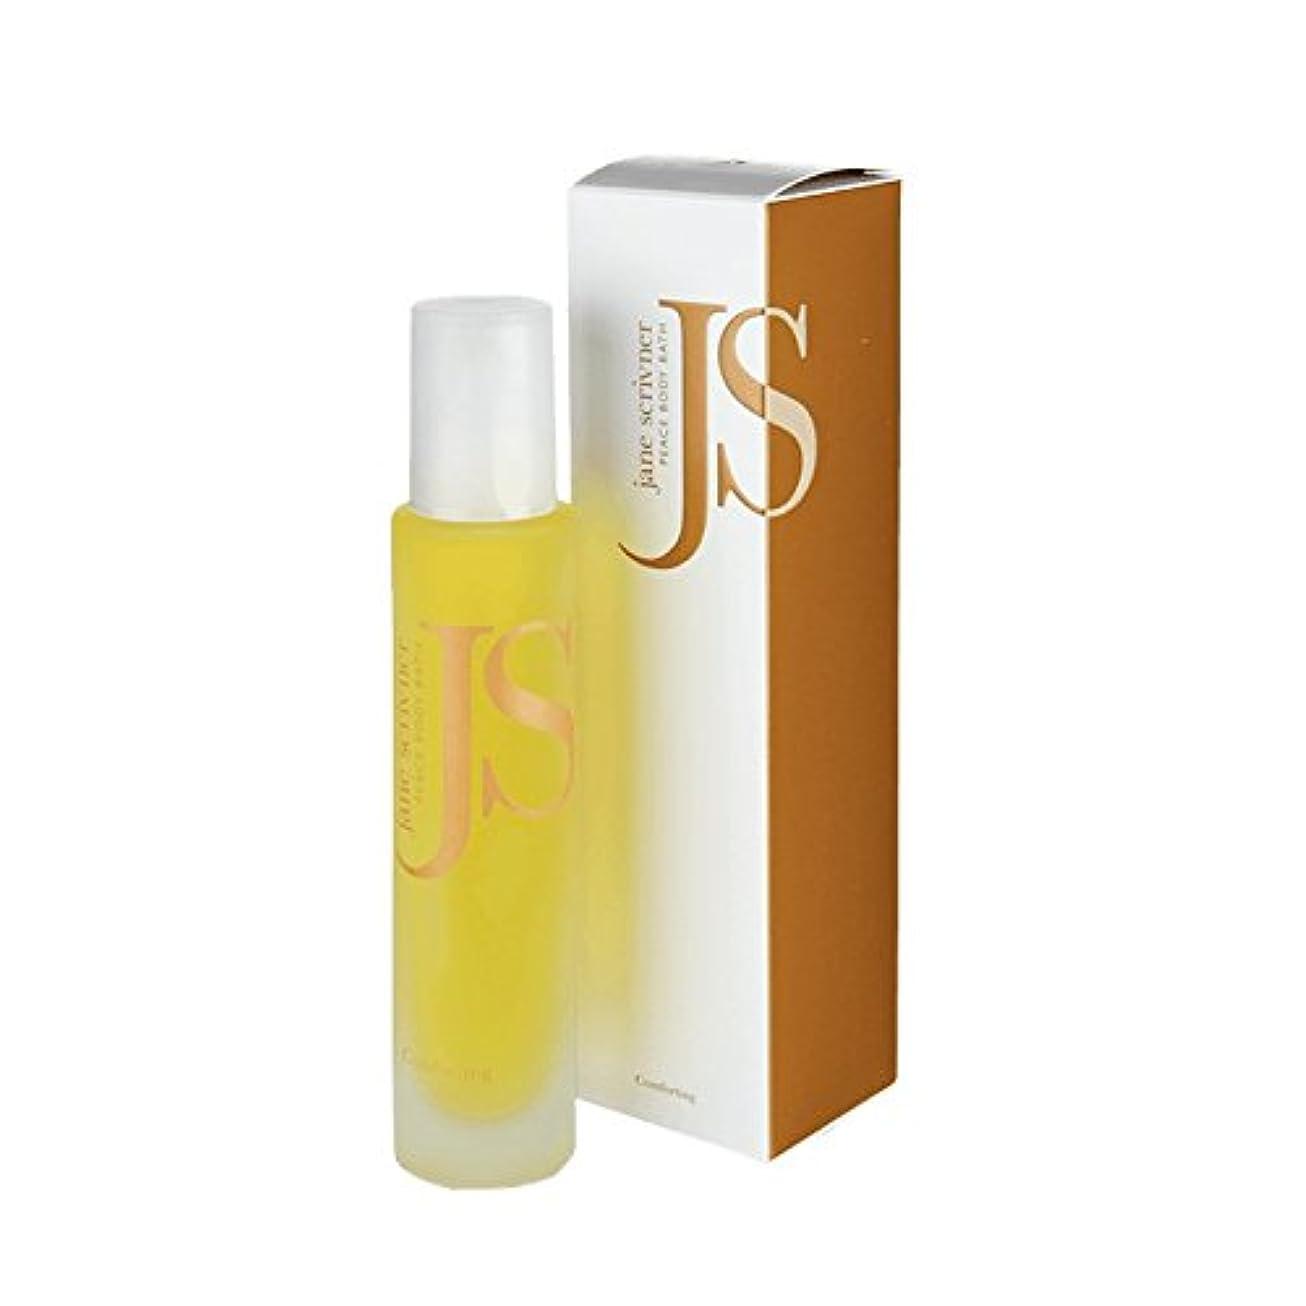 郵便物荒らすインドJane Scrivner Body Bath Oil Peace 100ml (Pack of 6) - ジェーンScrivnerボディバスオイル平和100ミリリットル (x6) [並行輸入品]